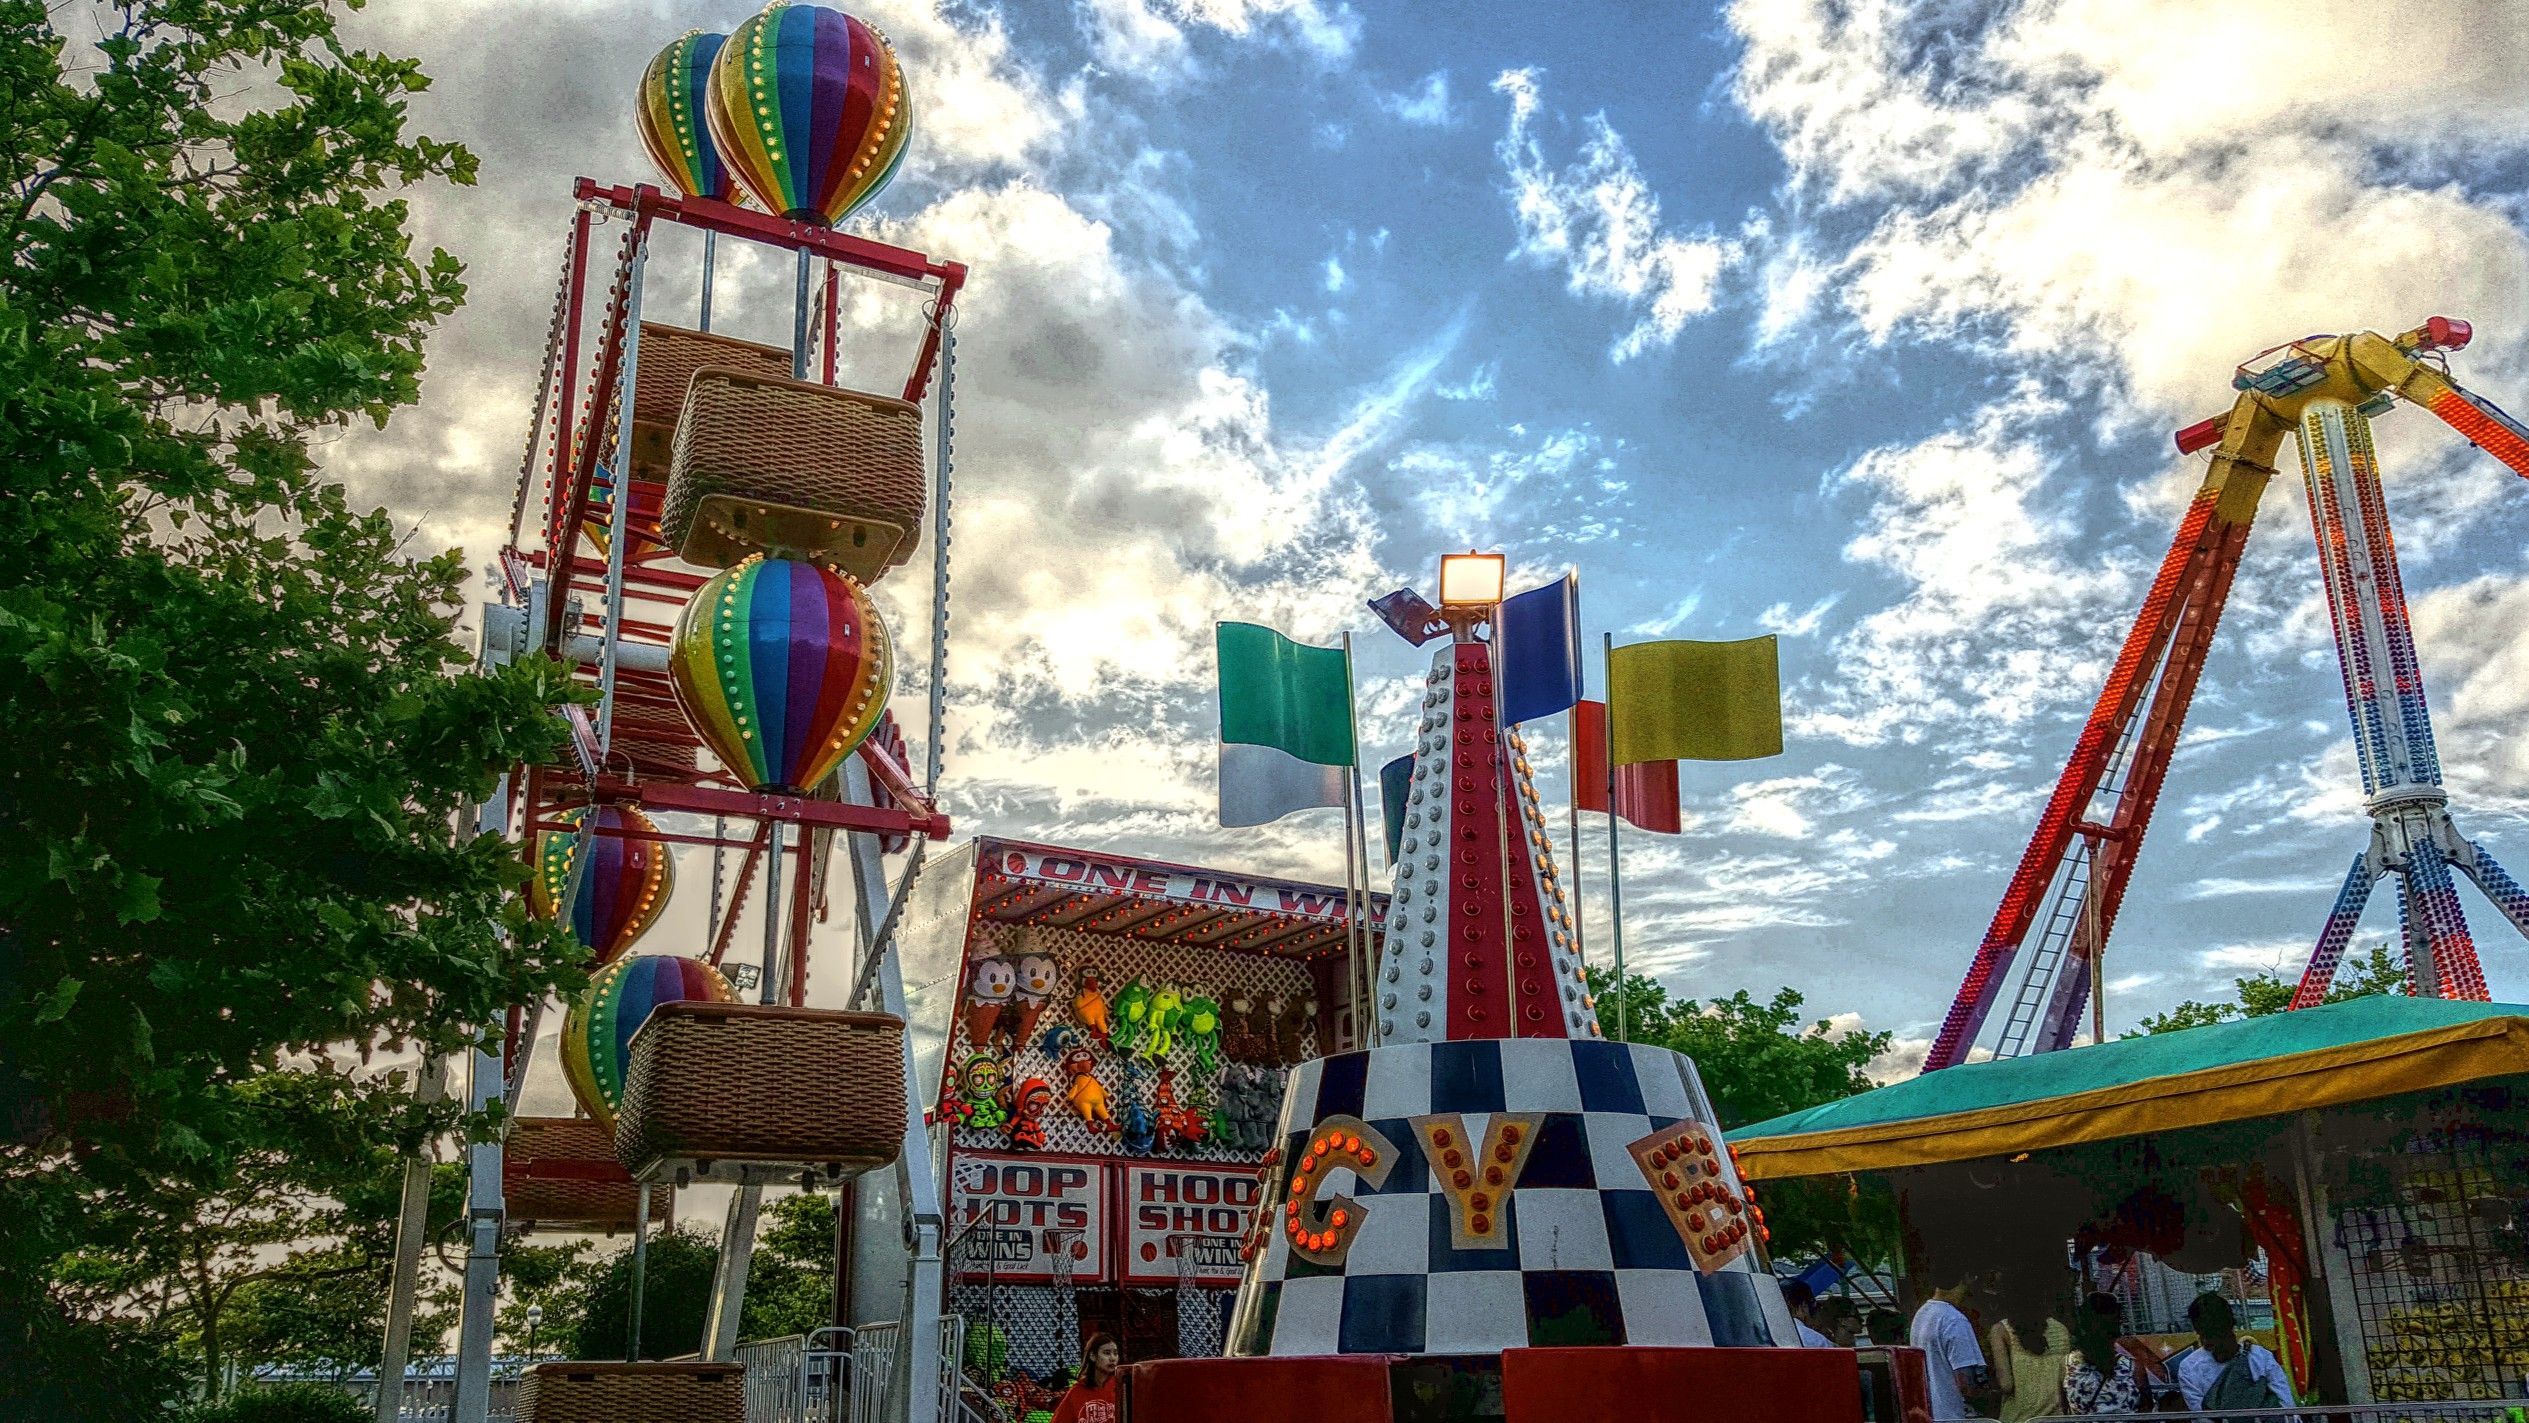 Trimper's Amusement Park in Ocean City, MD Amusement